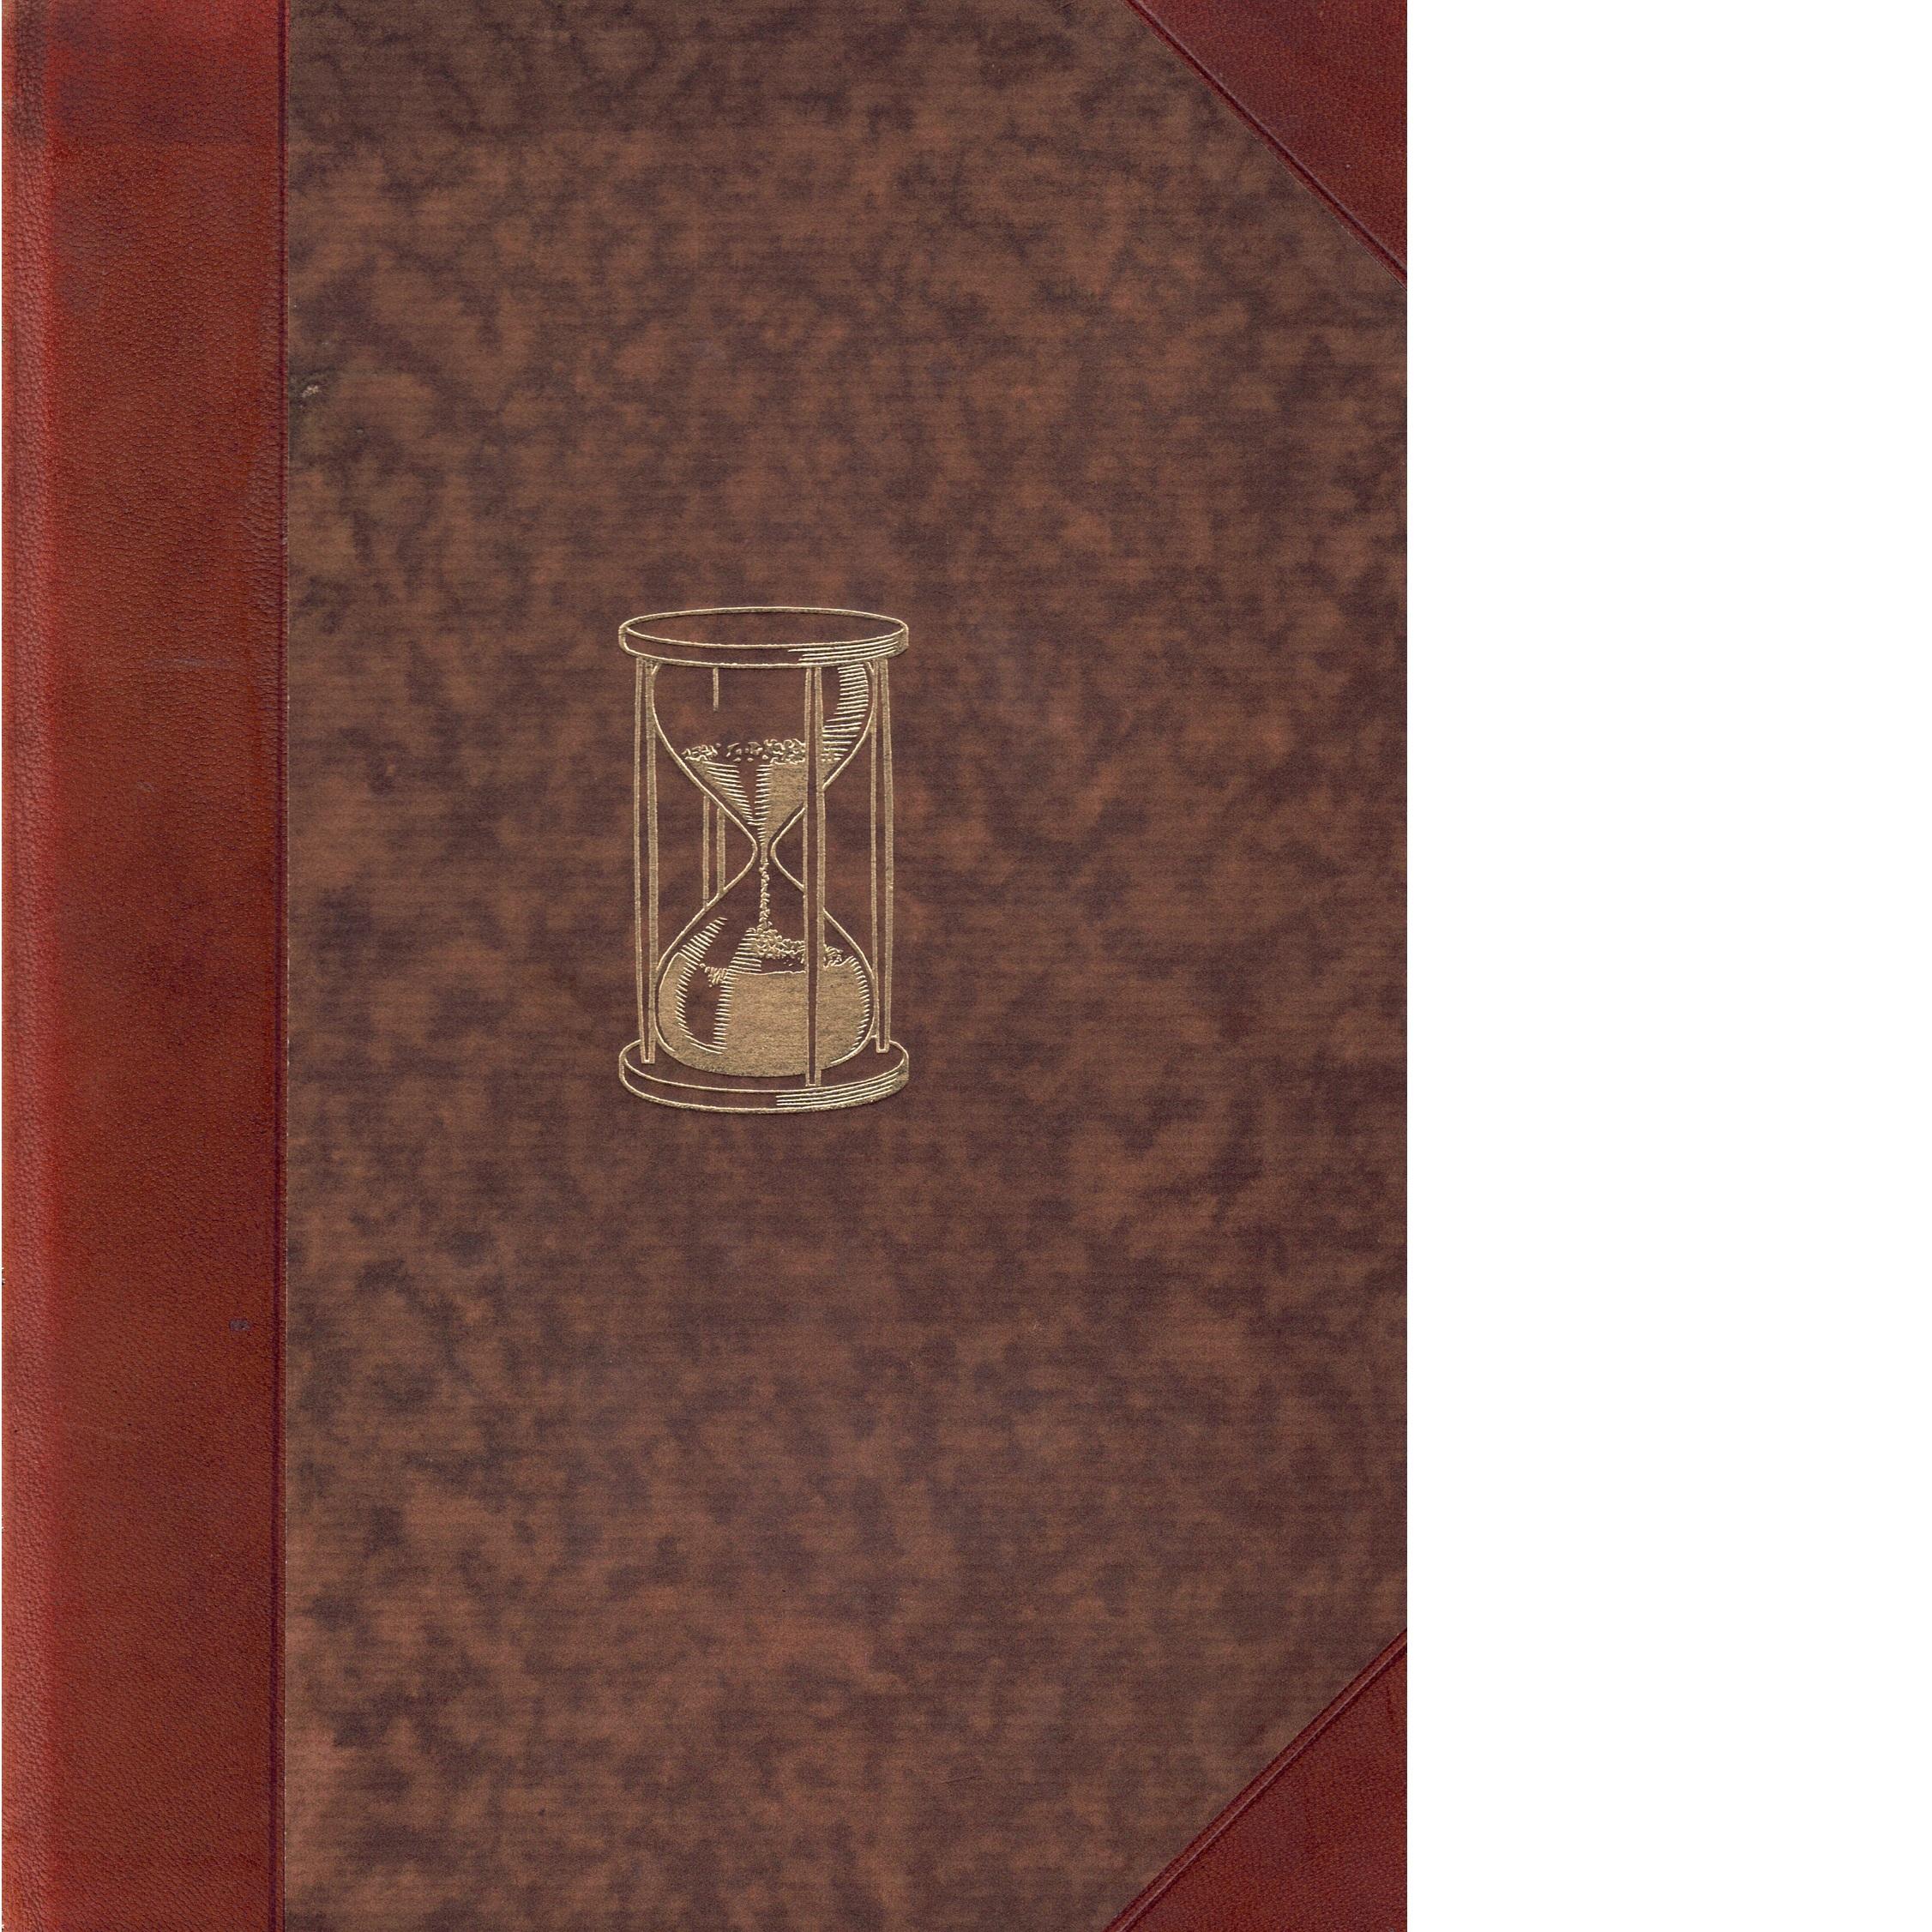 Jubileums -Bokfilmen - En krönika i ord och bild 1902-1952 - Olsson, Nils